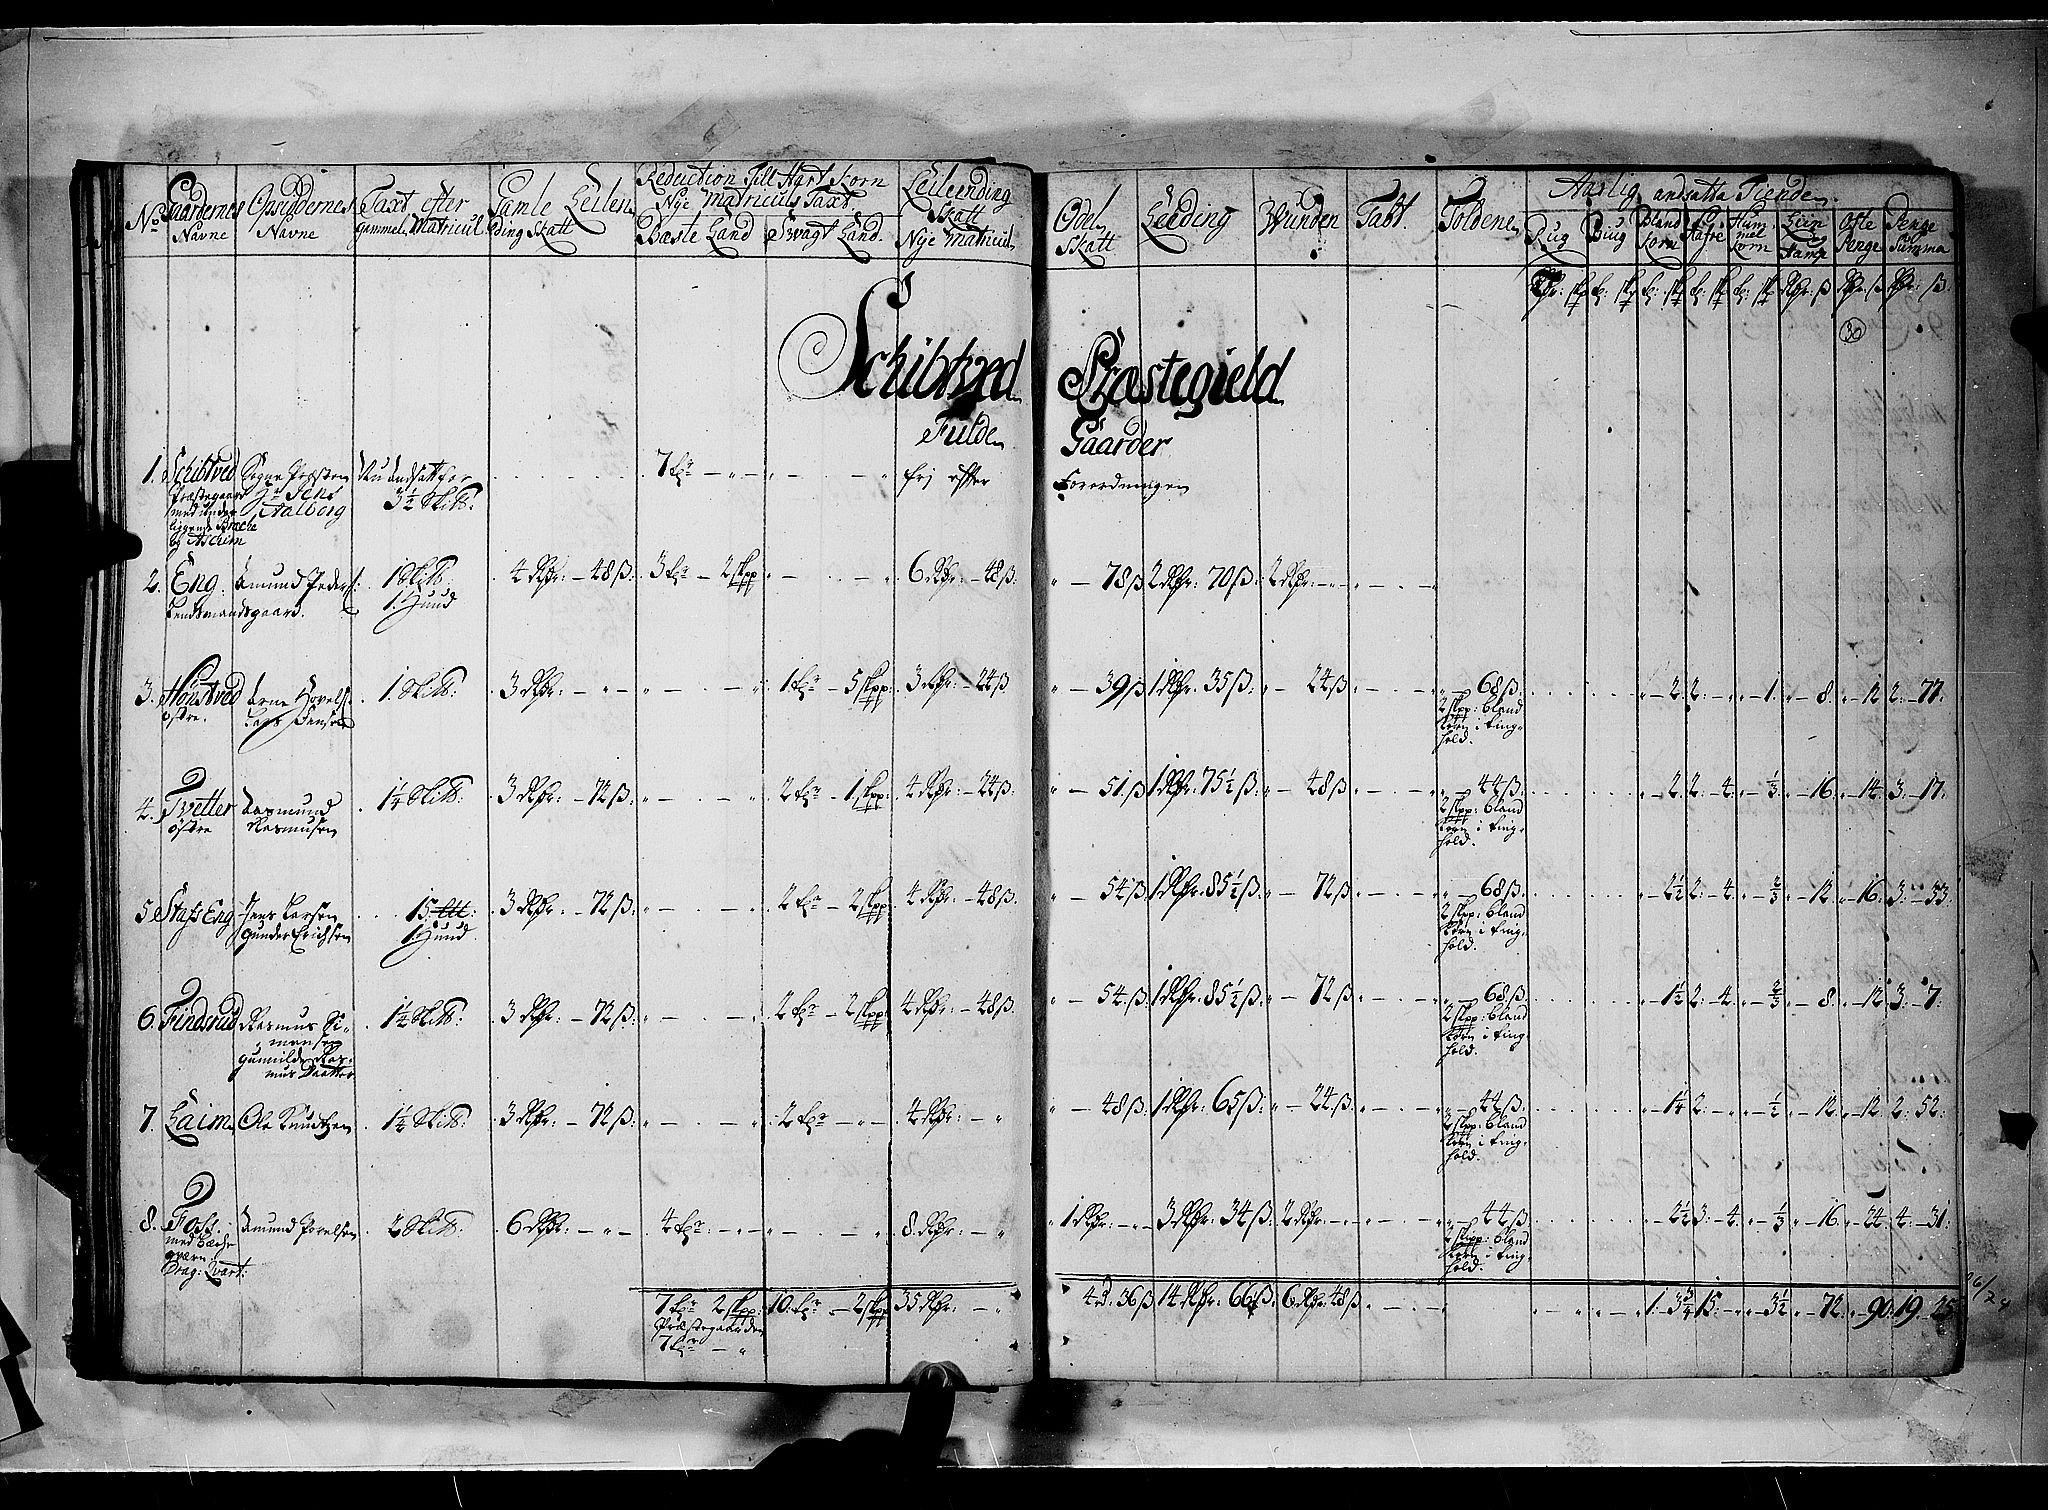 RA, Rentekammeret inntil 1814, Realistisk ordnet avdeling, N/Nb/Nbf/L0100: Rakkestad, Heggen og Frøland matrikkelprotokoll, 1723, s. 29b-30a